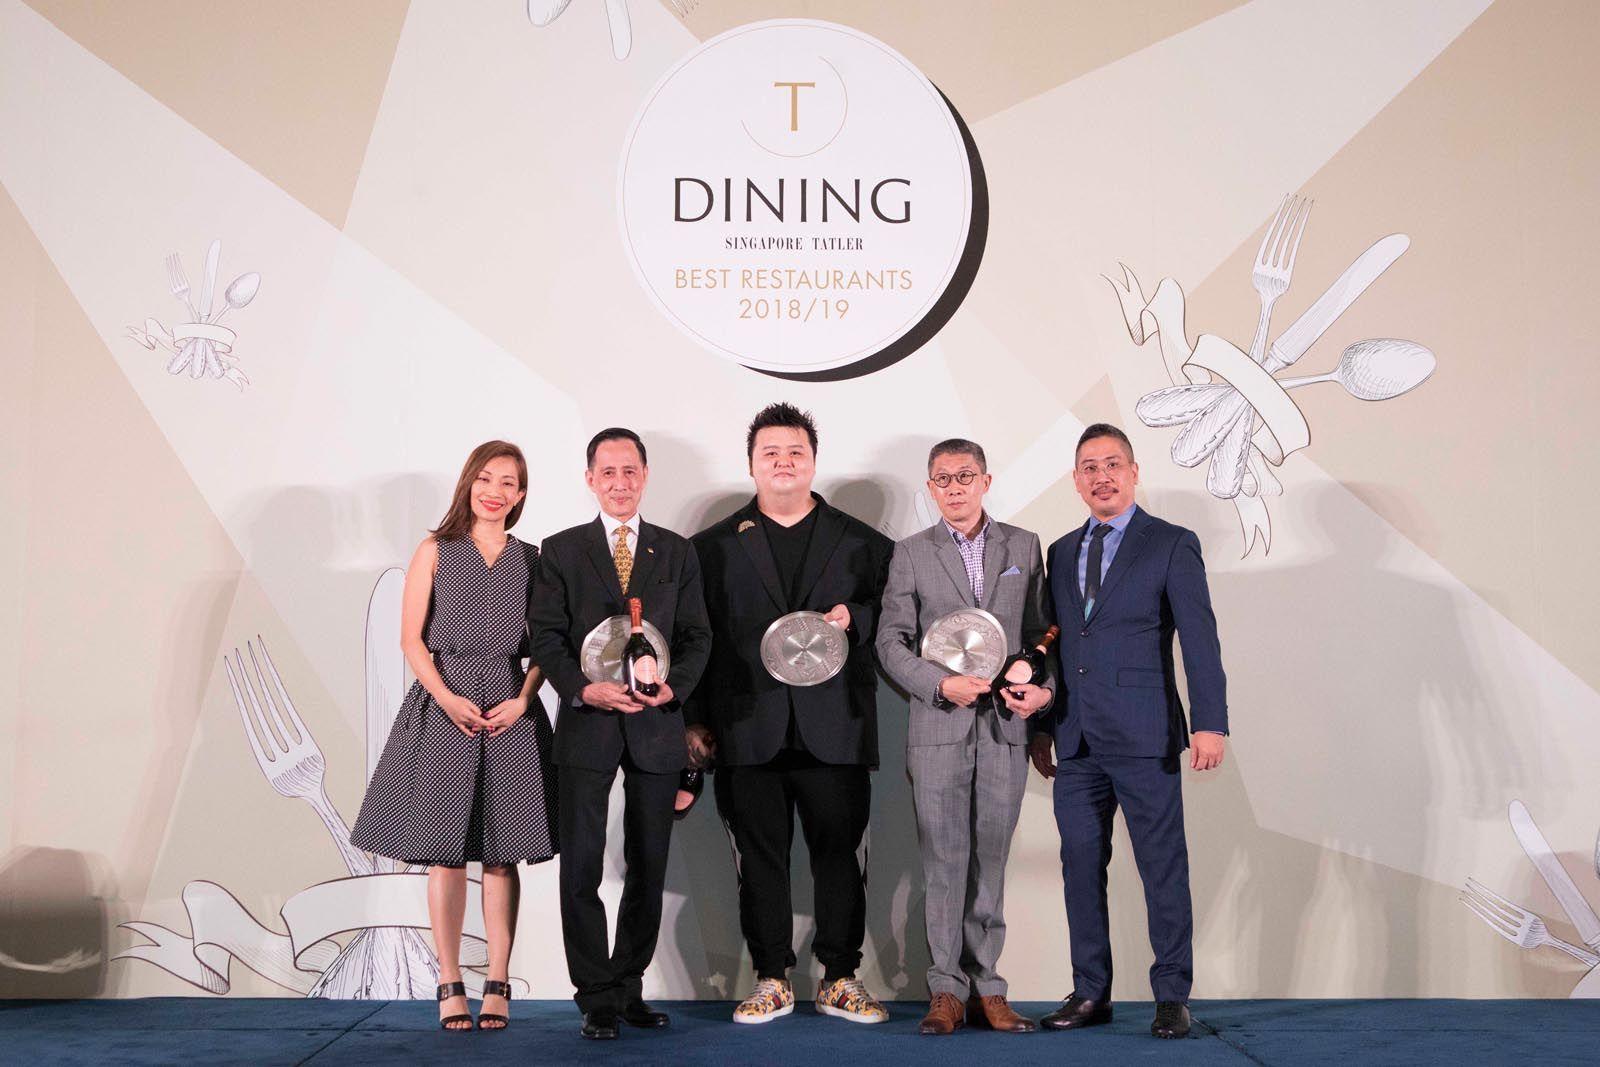 Corinne Ng, Sam Ng, Jason Tan, Kelvin Tay, Don Mendoza